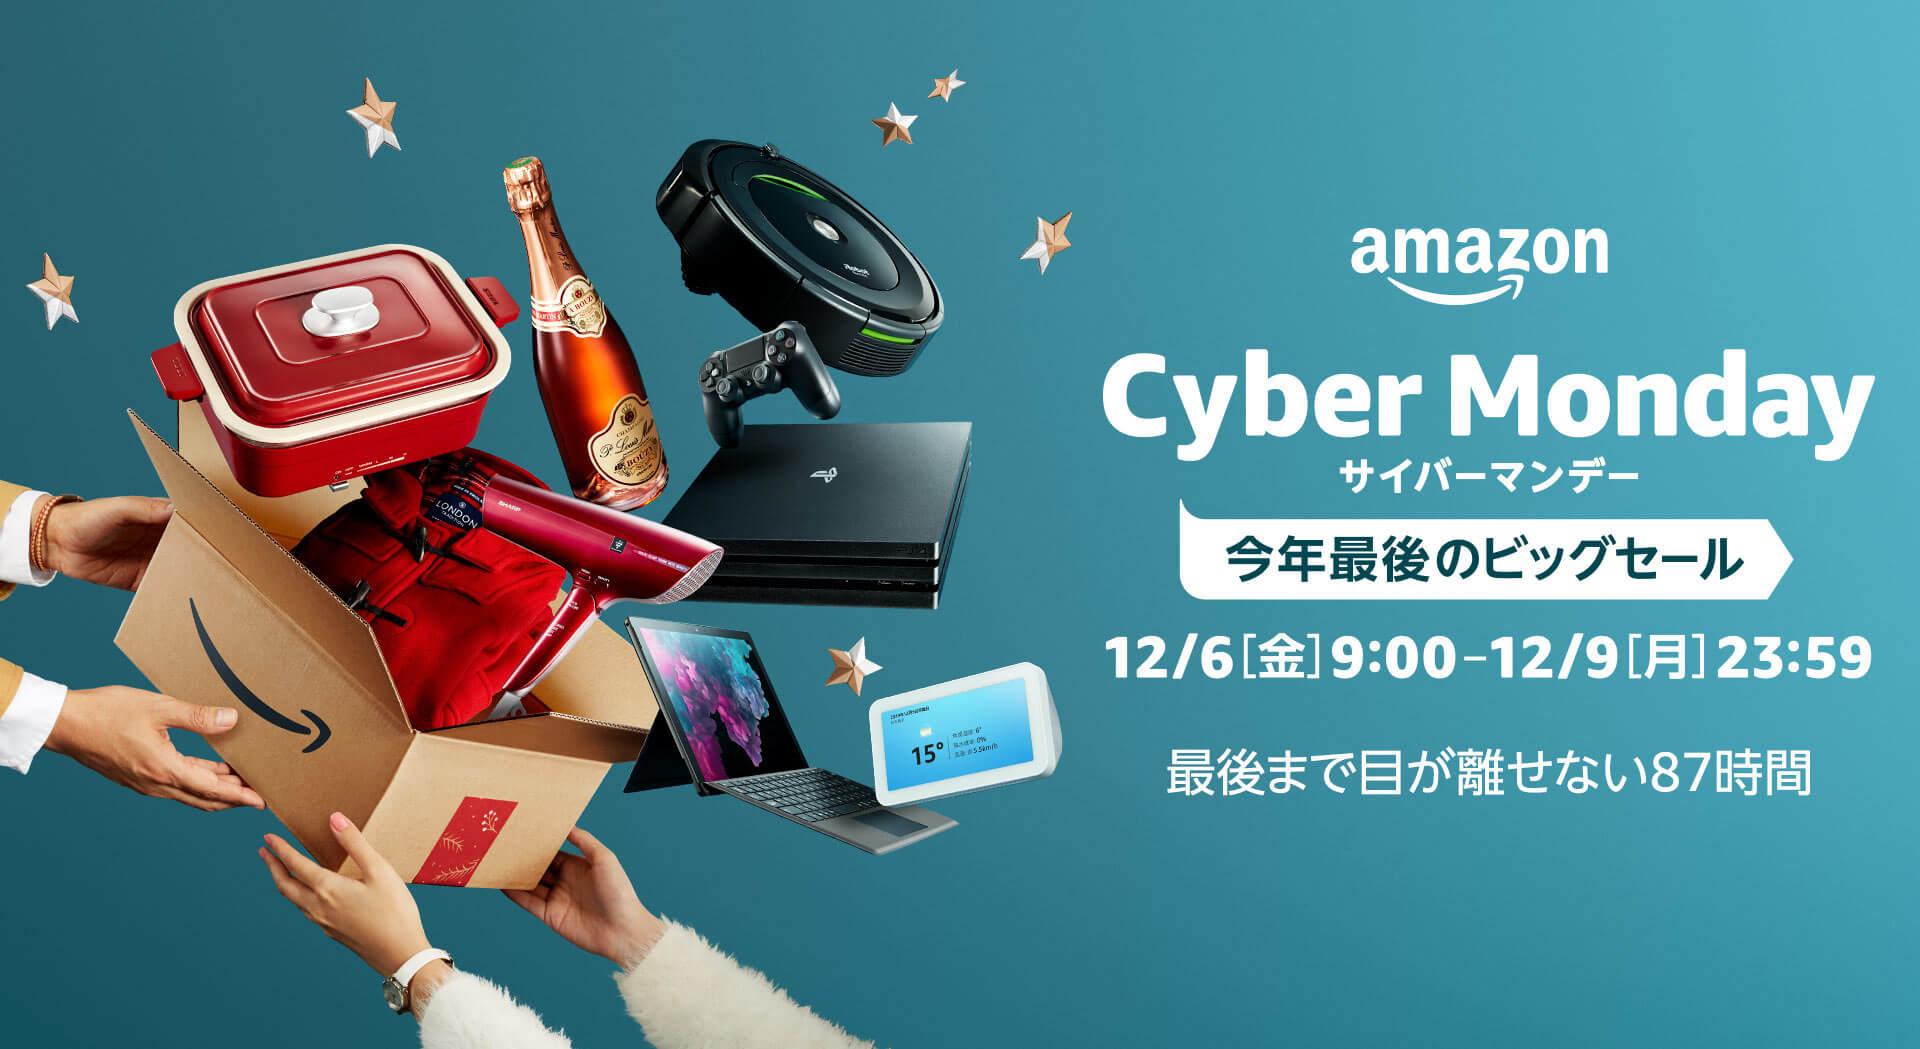 iPadやゲーミングPC、Amazonデバイス、スター・ウォーズのLEGOまで!Amazonサイバーマンデー開催 tech191203_amazon_cybermonday_1